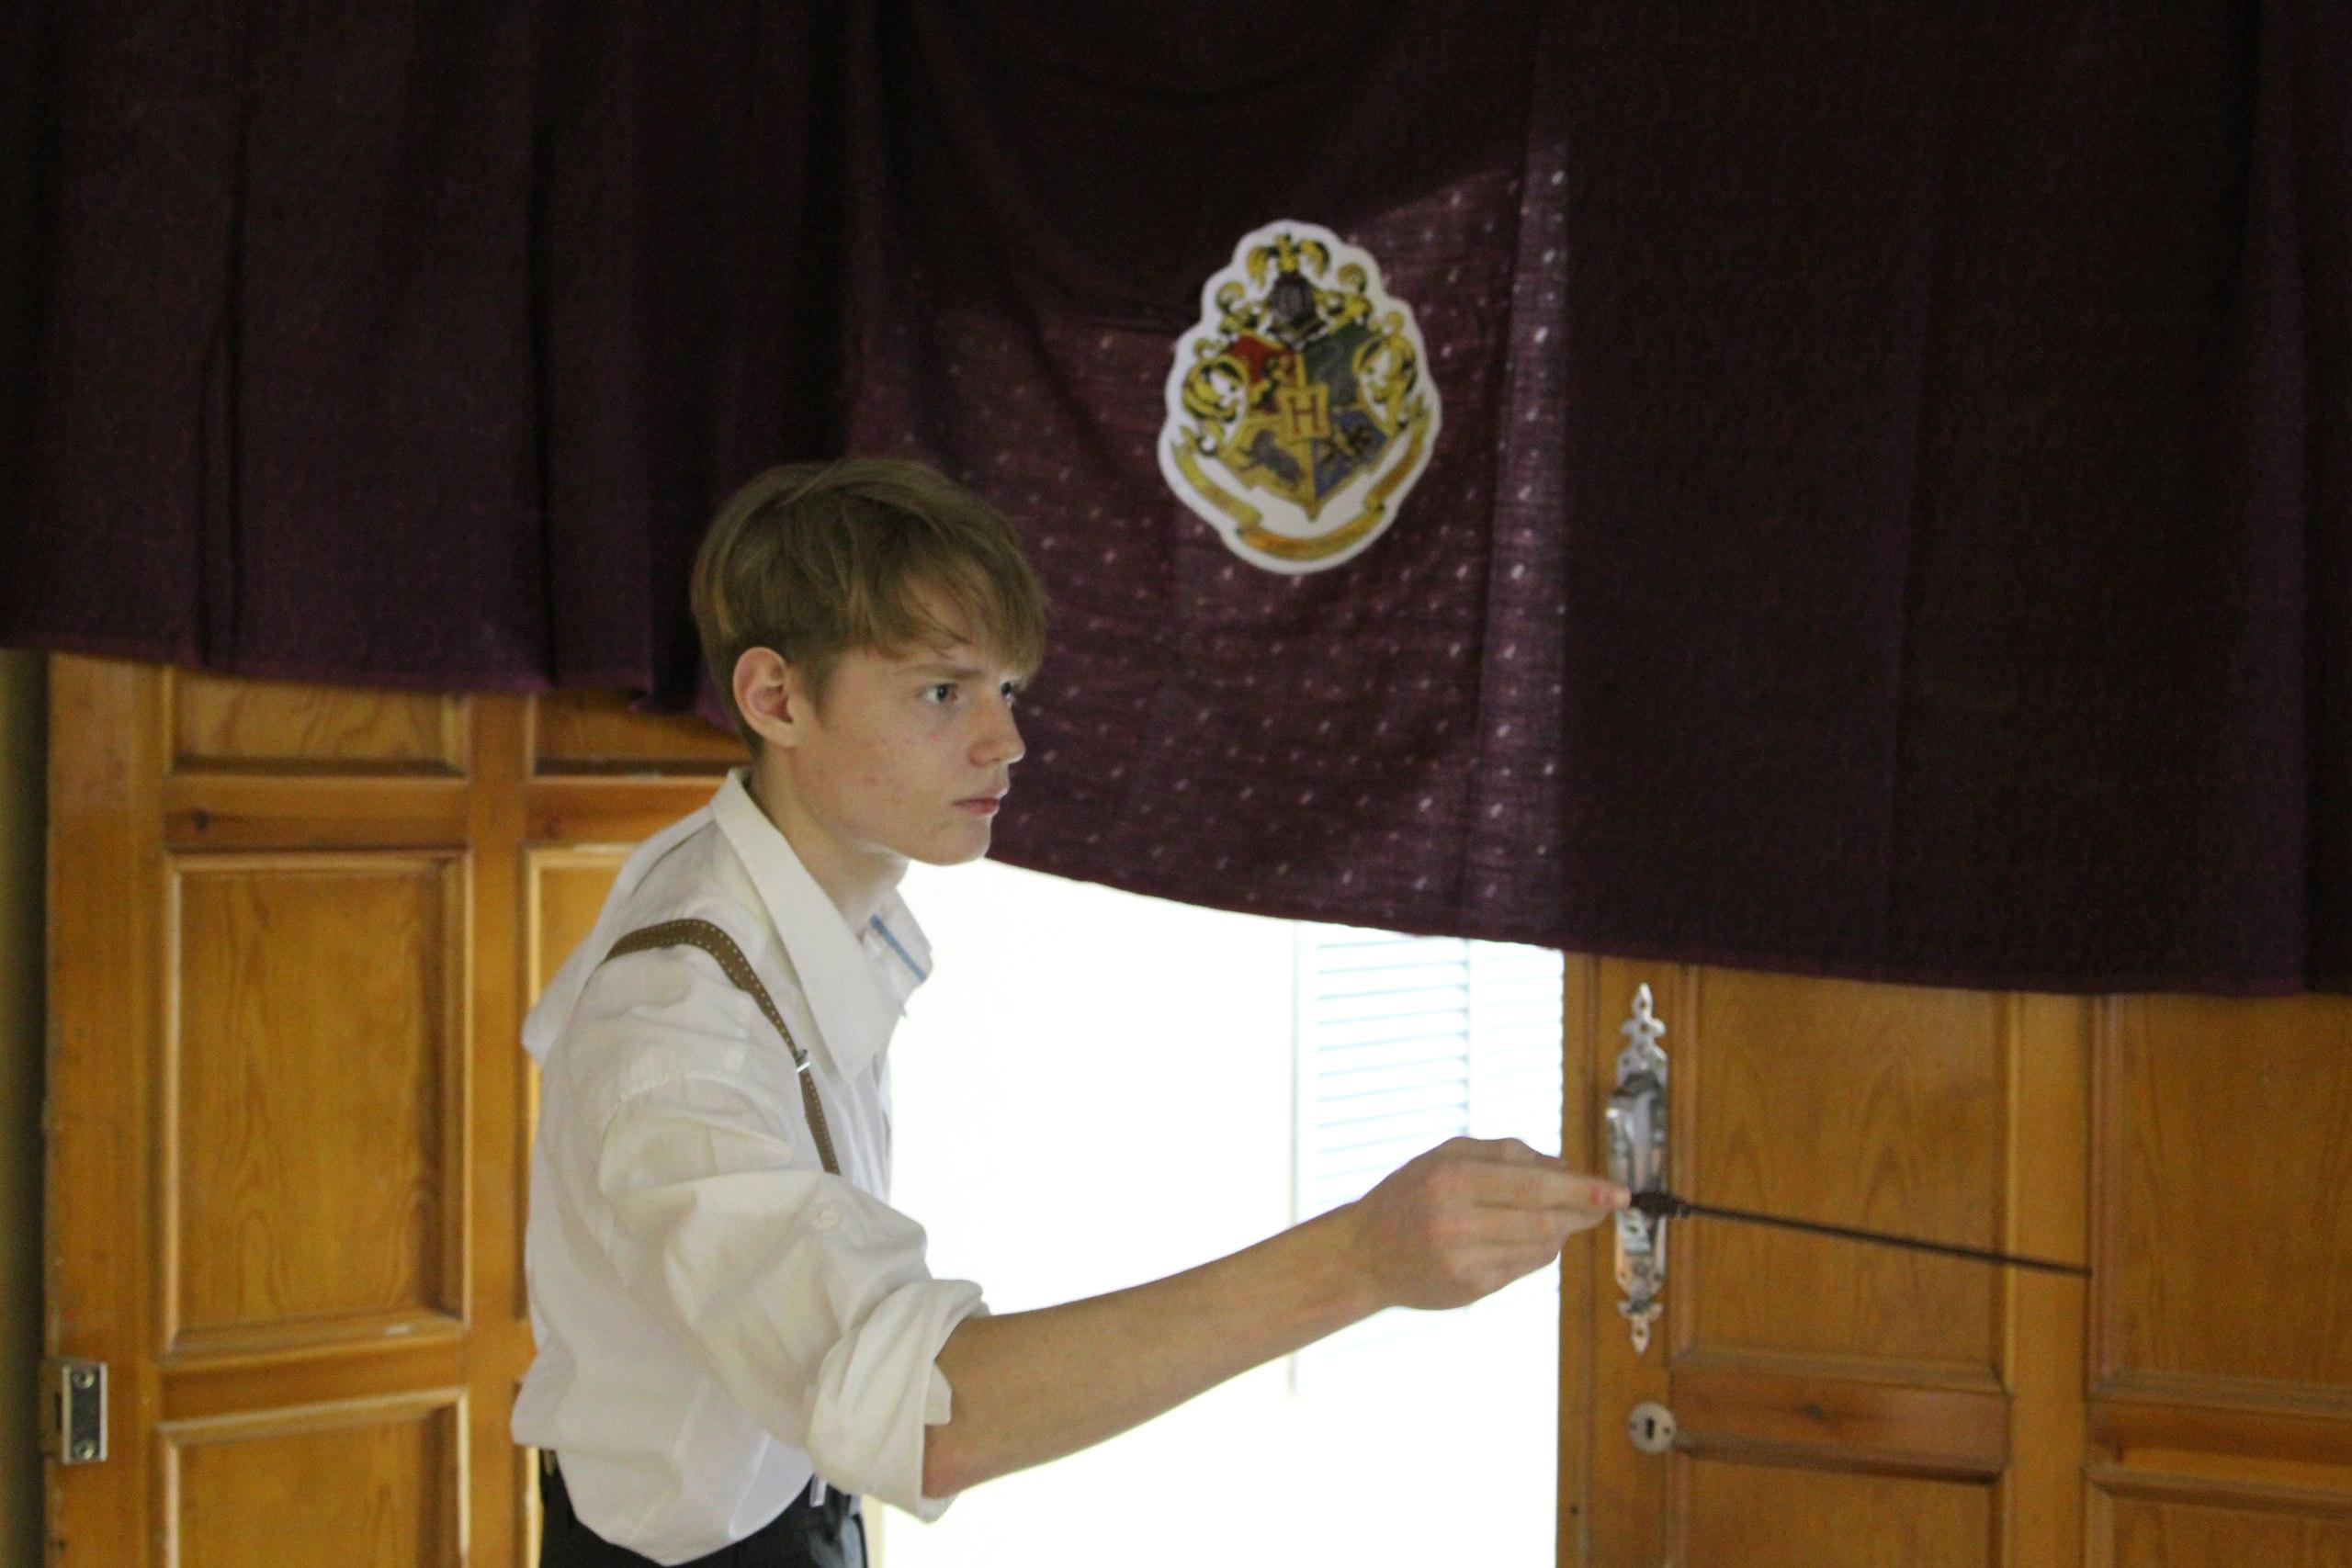 Учитель уломал русскую ученицу прямо на уроке смотреть онлайн